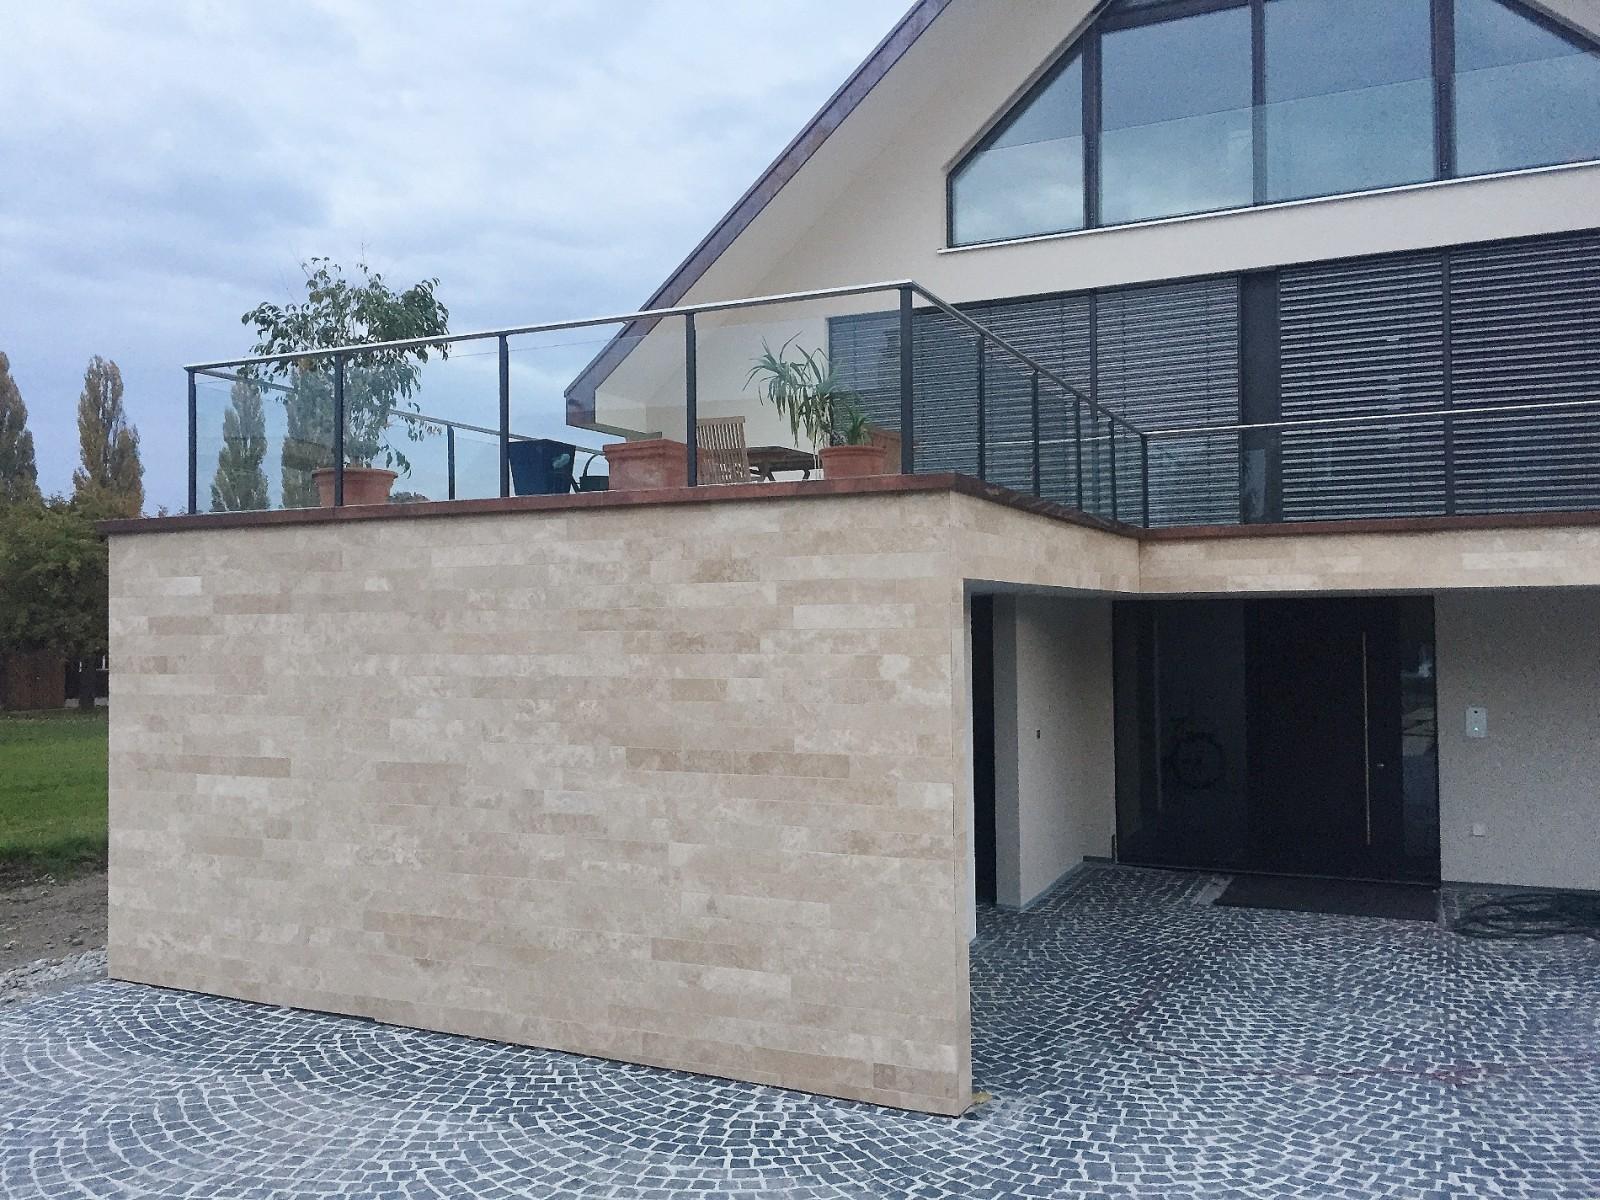 Travertin Fliesen Crema als Fassadenfassade